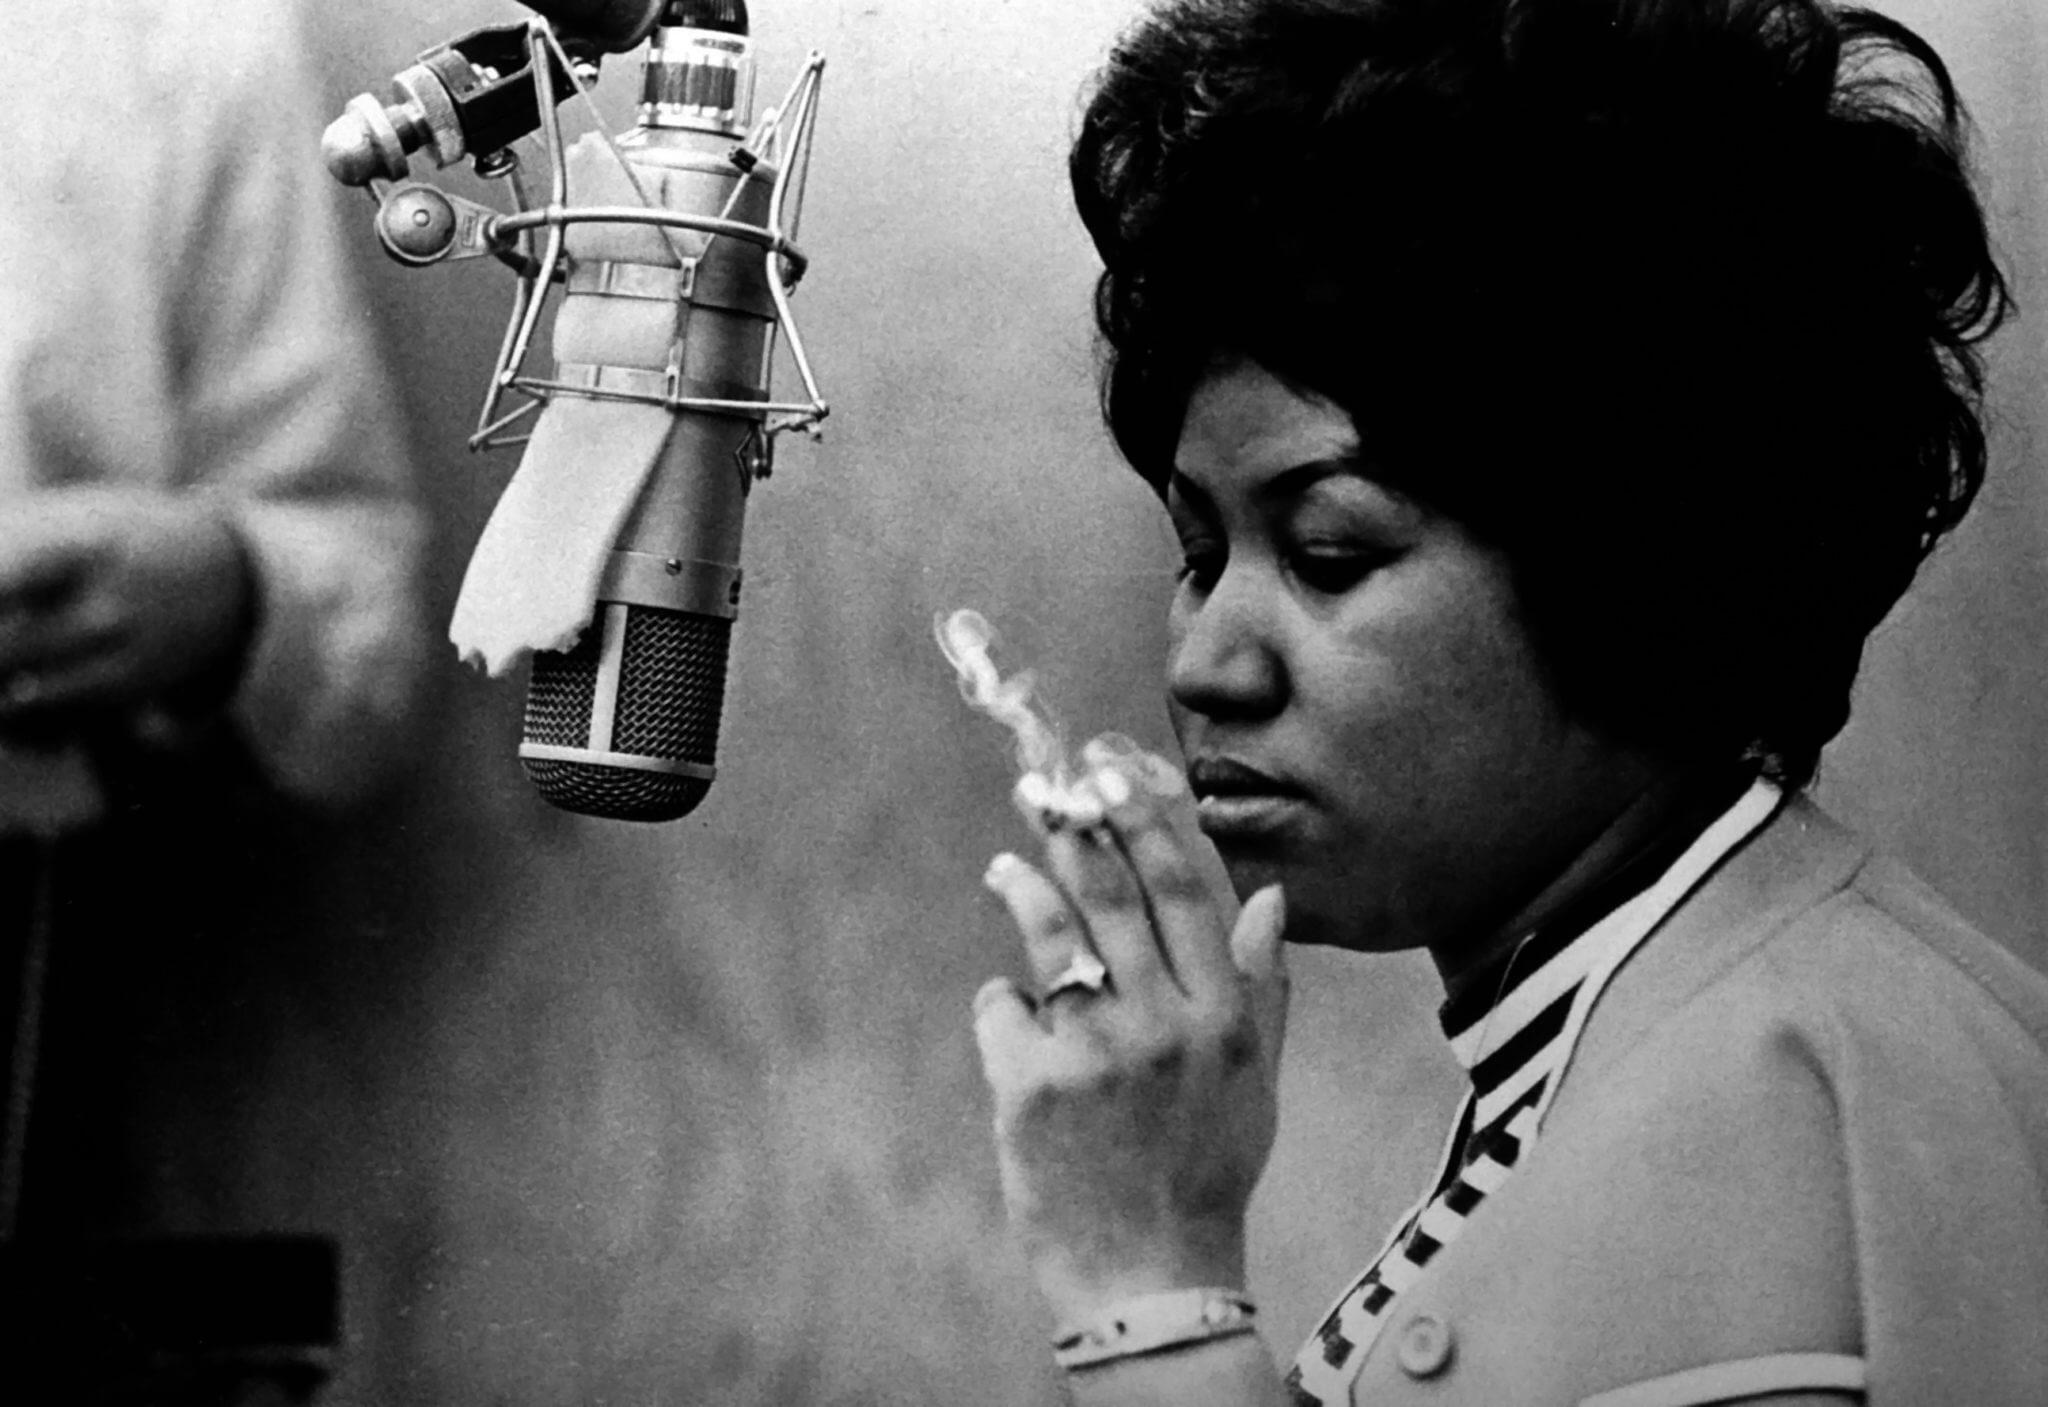 Falleció Aretha Franklin: 5 cosas que debes conocer sobre la legendaria Queen of Soul